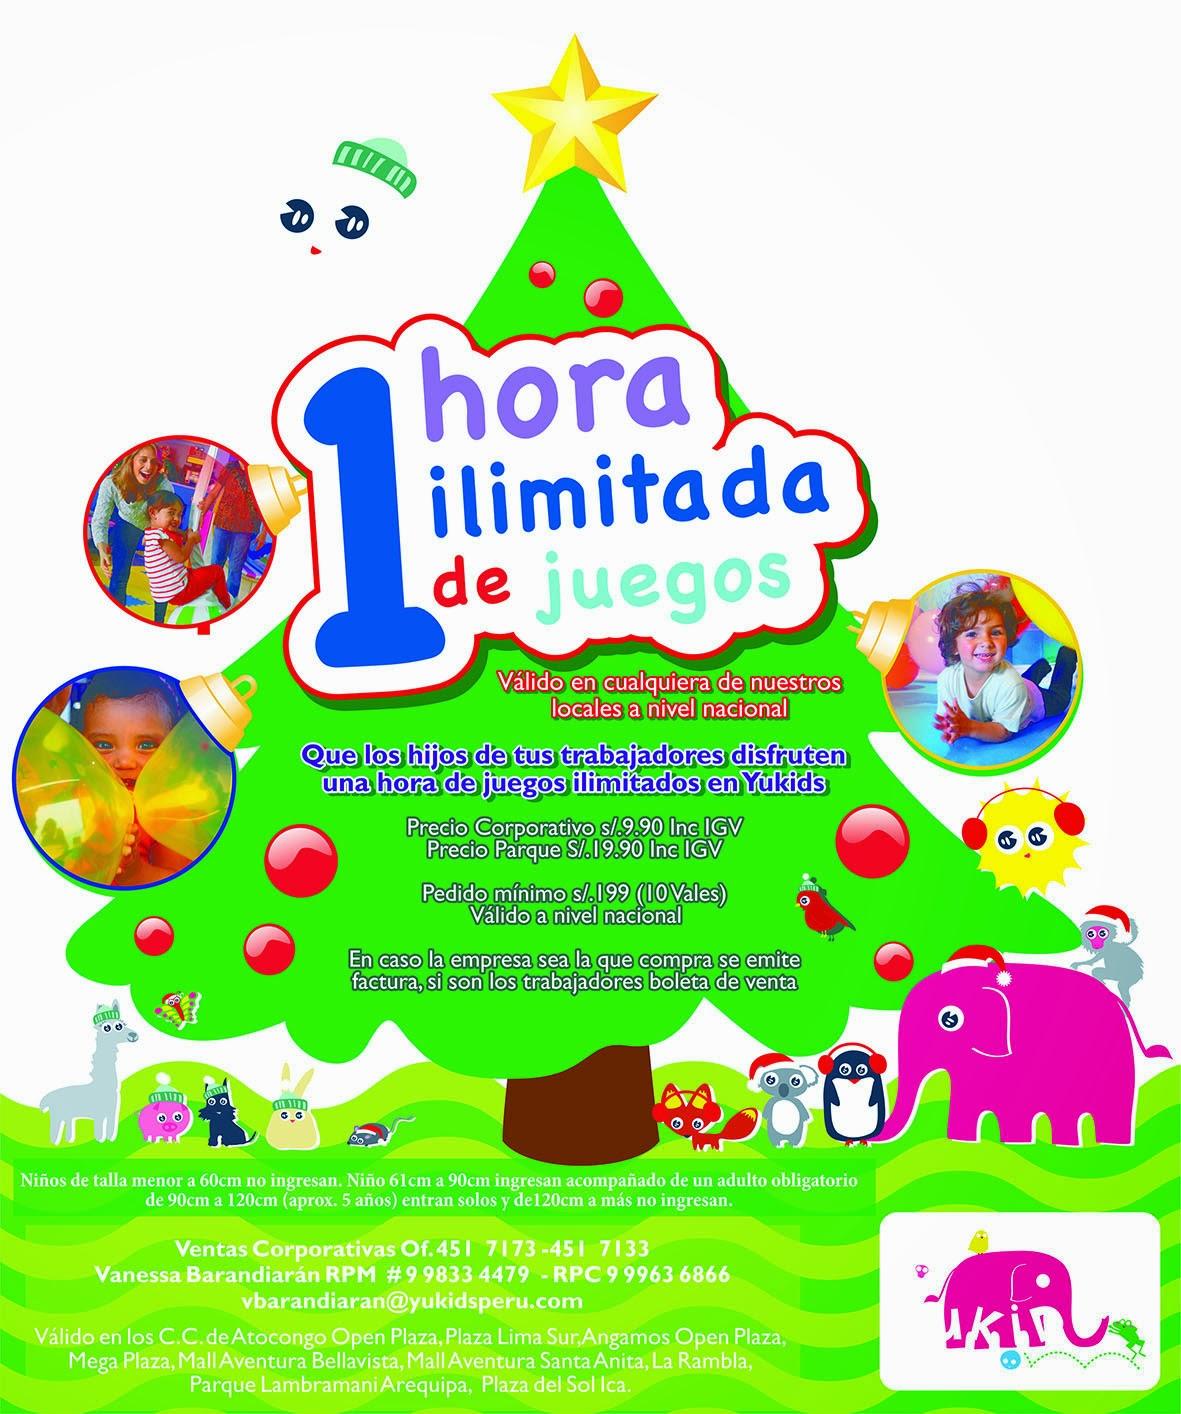 YUKIDS - 1 HORA ILIMITADA DE JUEGOS